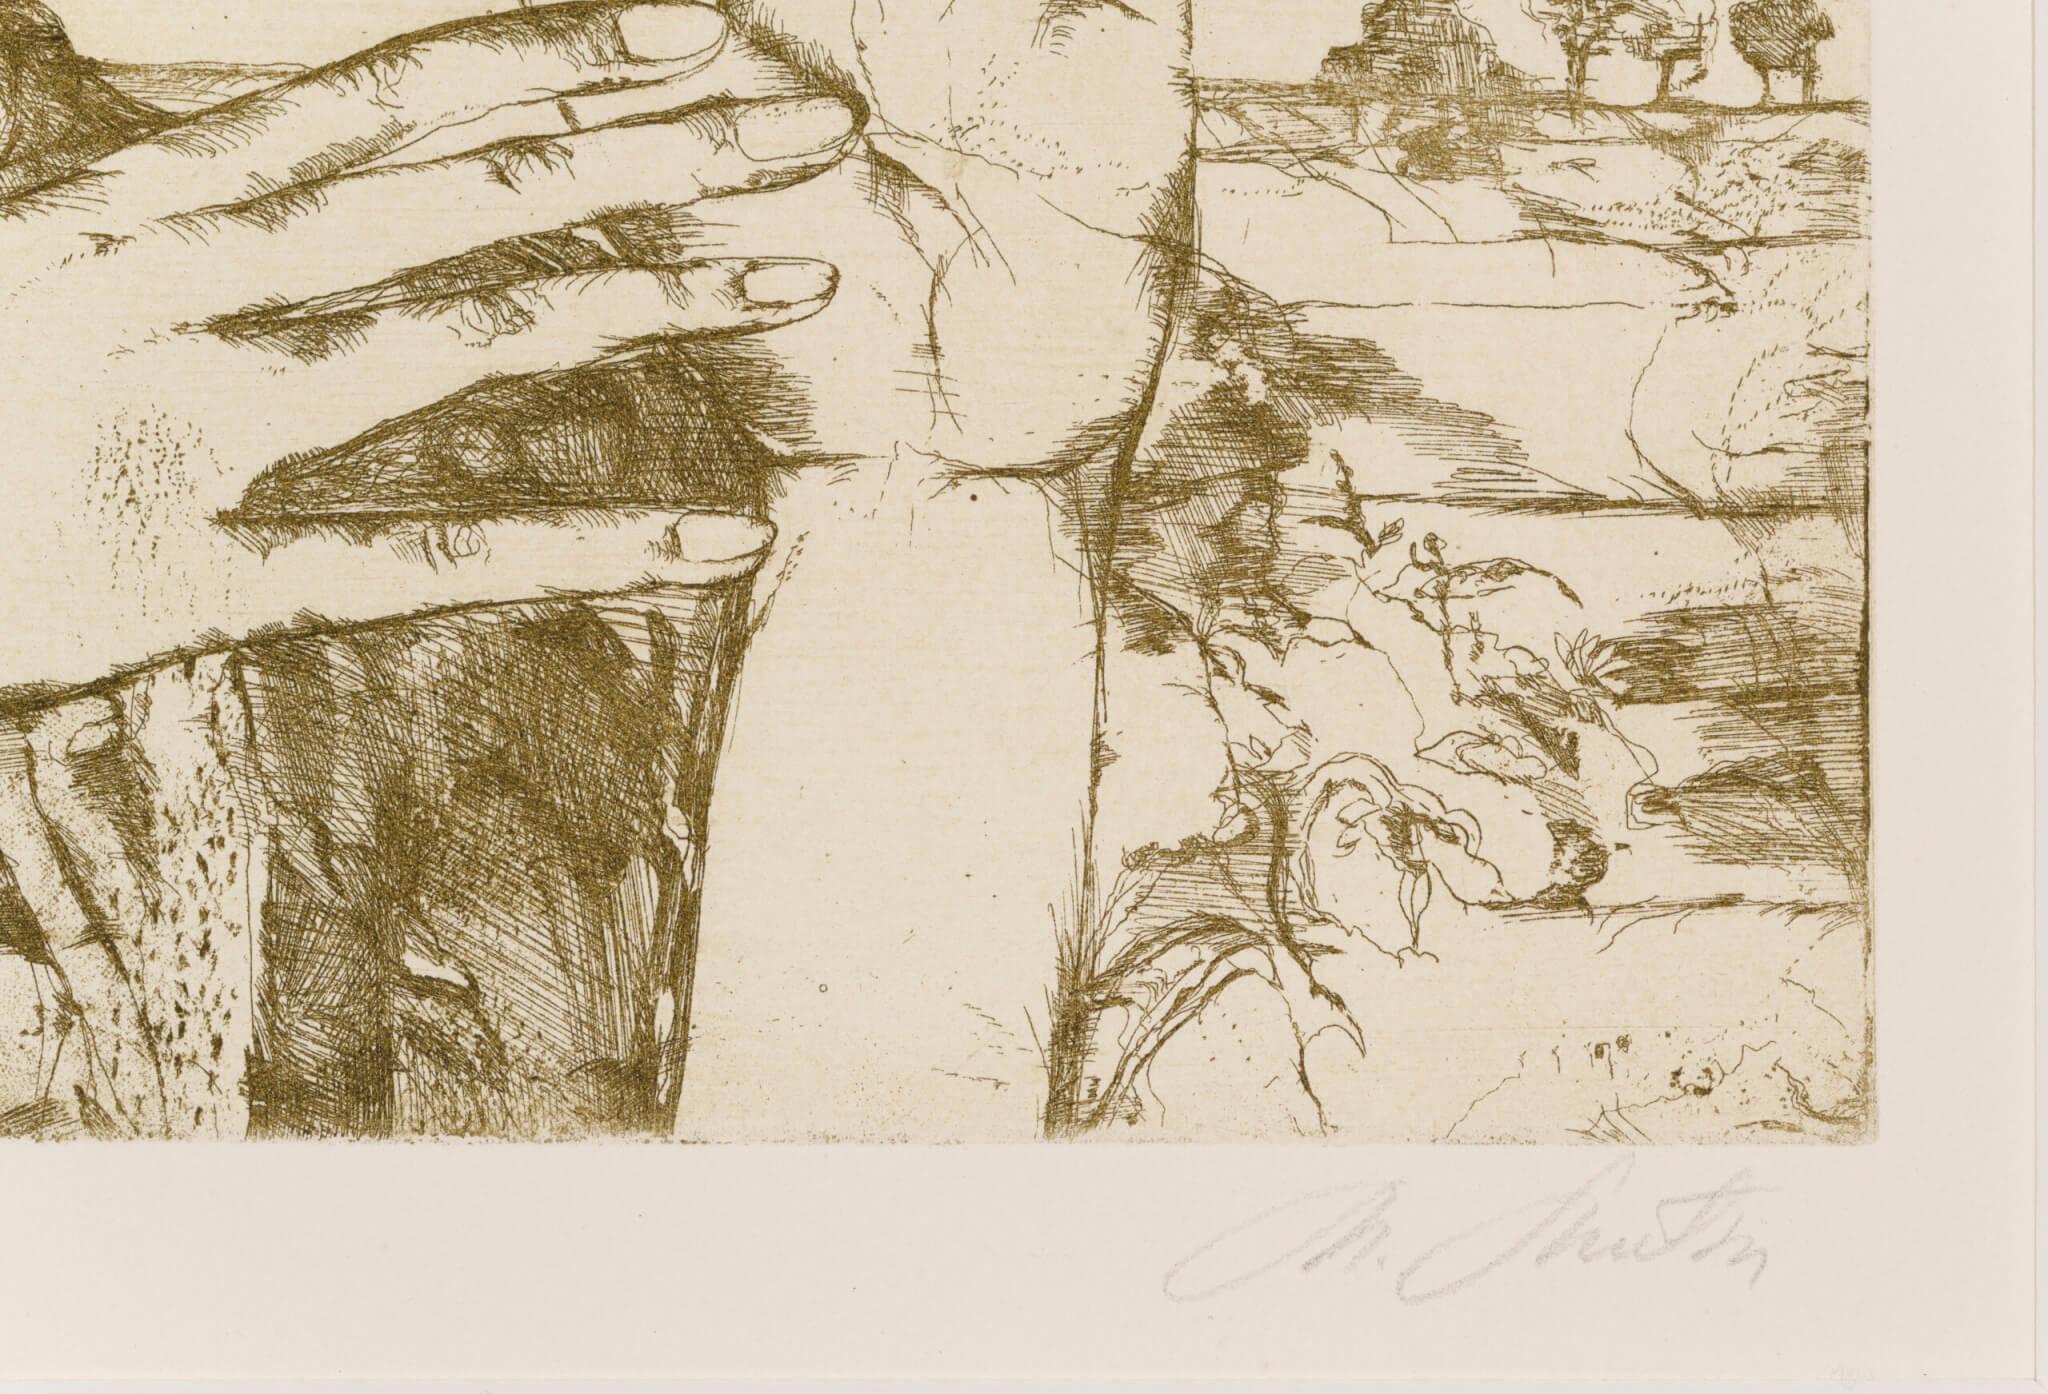 """Marju Mutsu """"Noor tüdruk"""", 1972. 18,9 x 27,6 cm."""